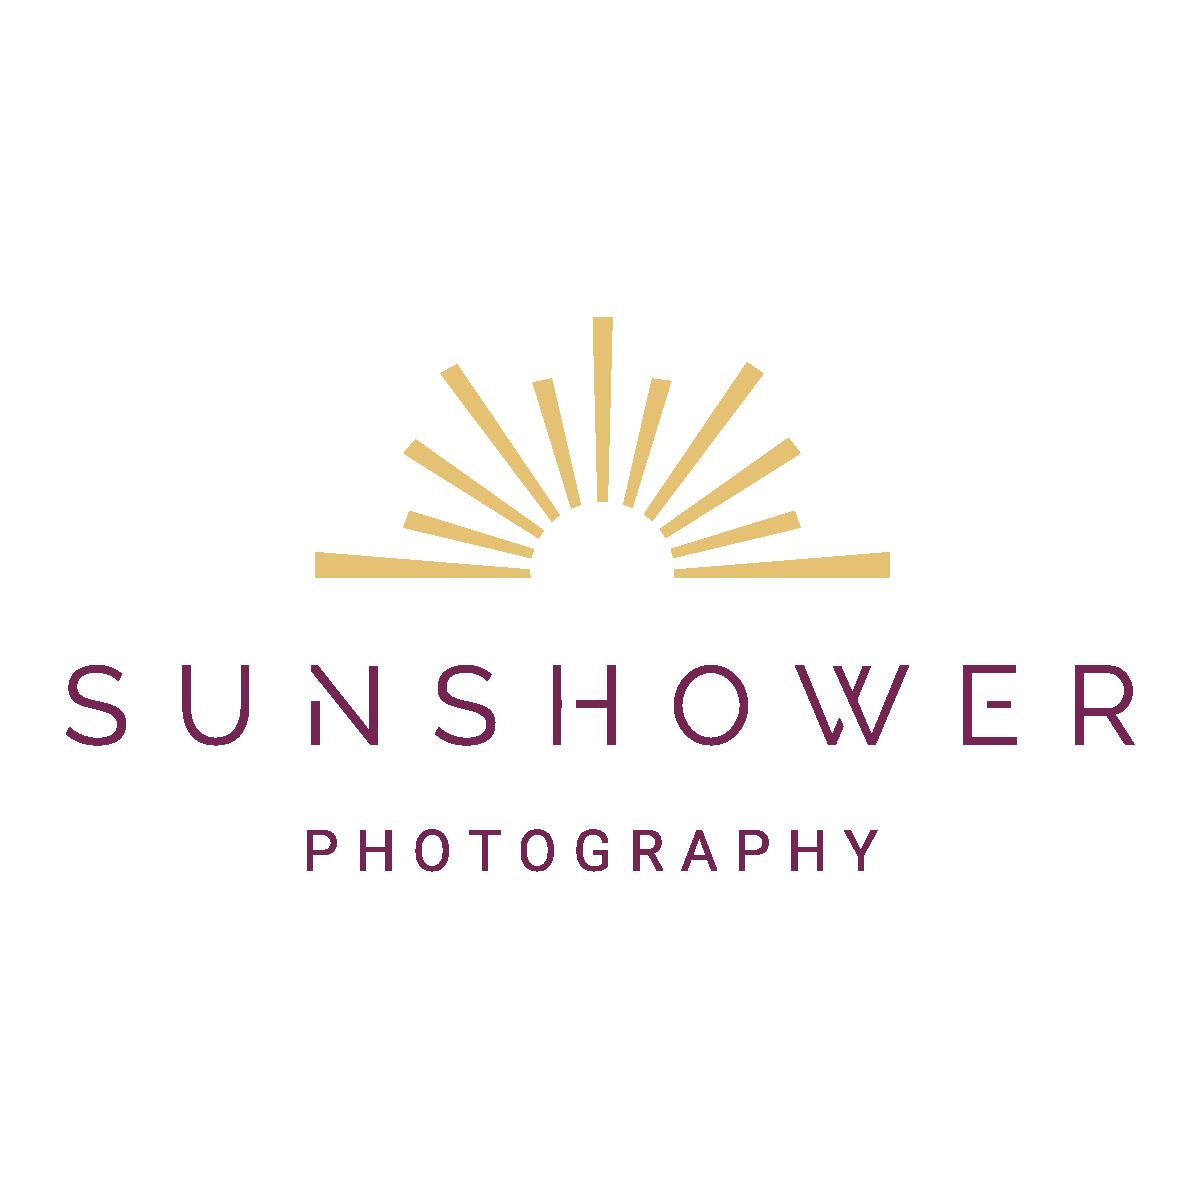 Sunshower Photography